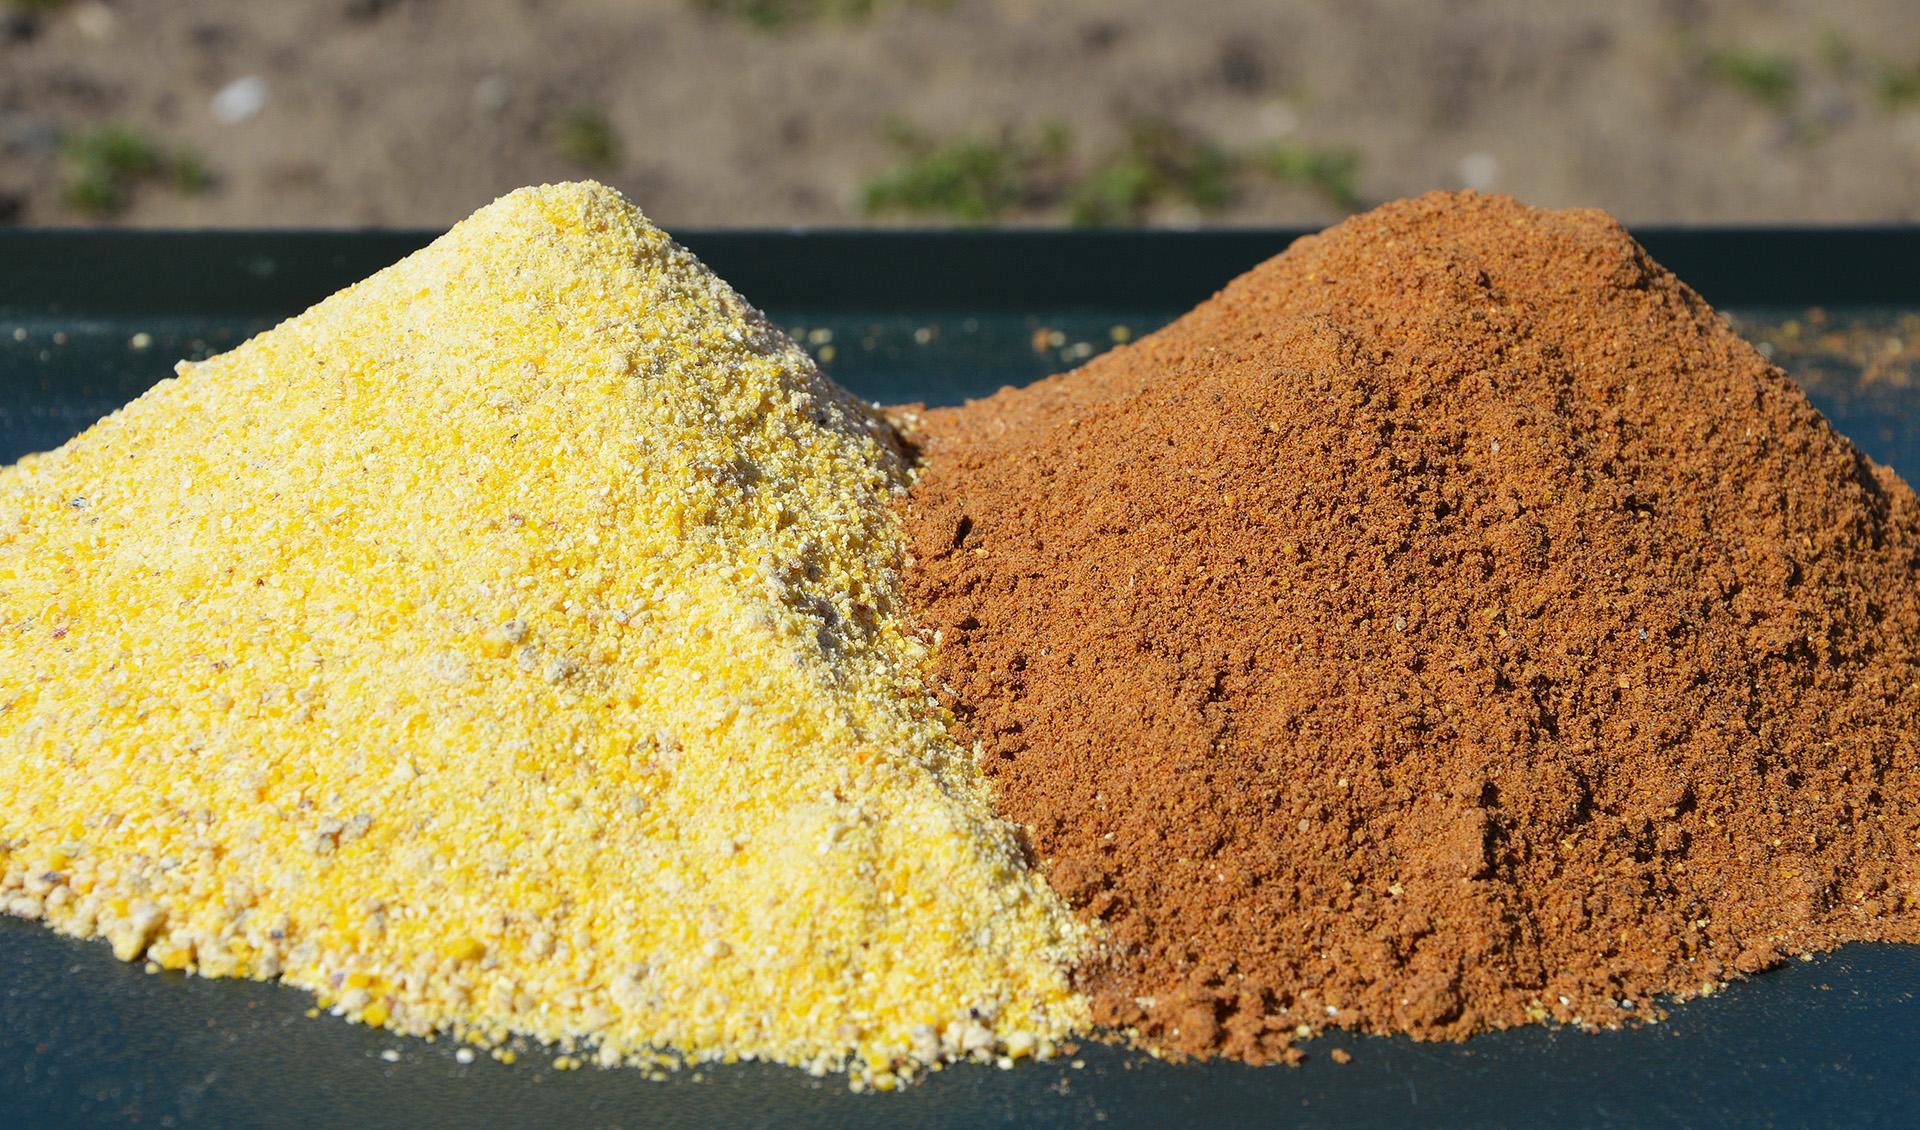 Alapjaiban két fő komponensből áll a recept. Az egyik a Top Method Feeder Total Fish etetőanyag, a másik pedig a Gold Feeder család 2020-as újdonsága, a Champion Corn